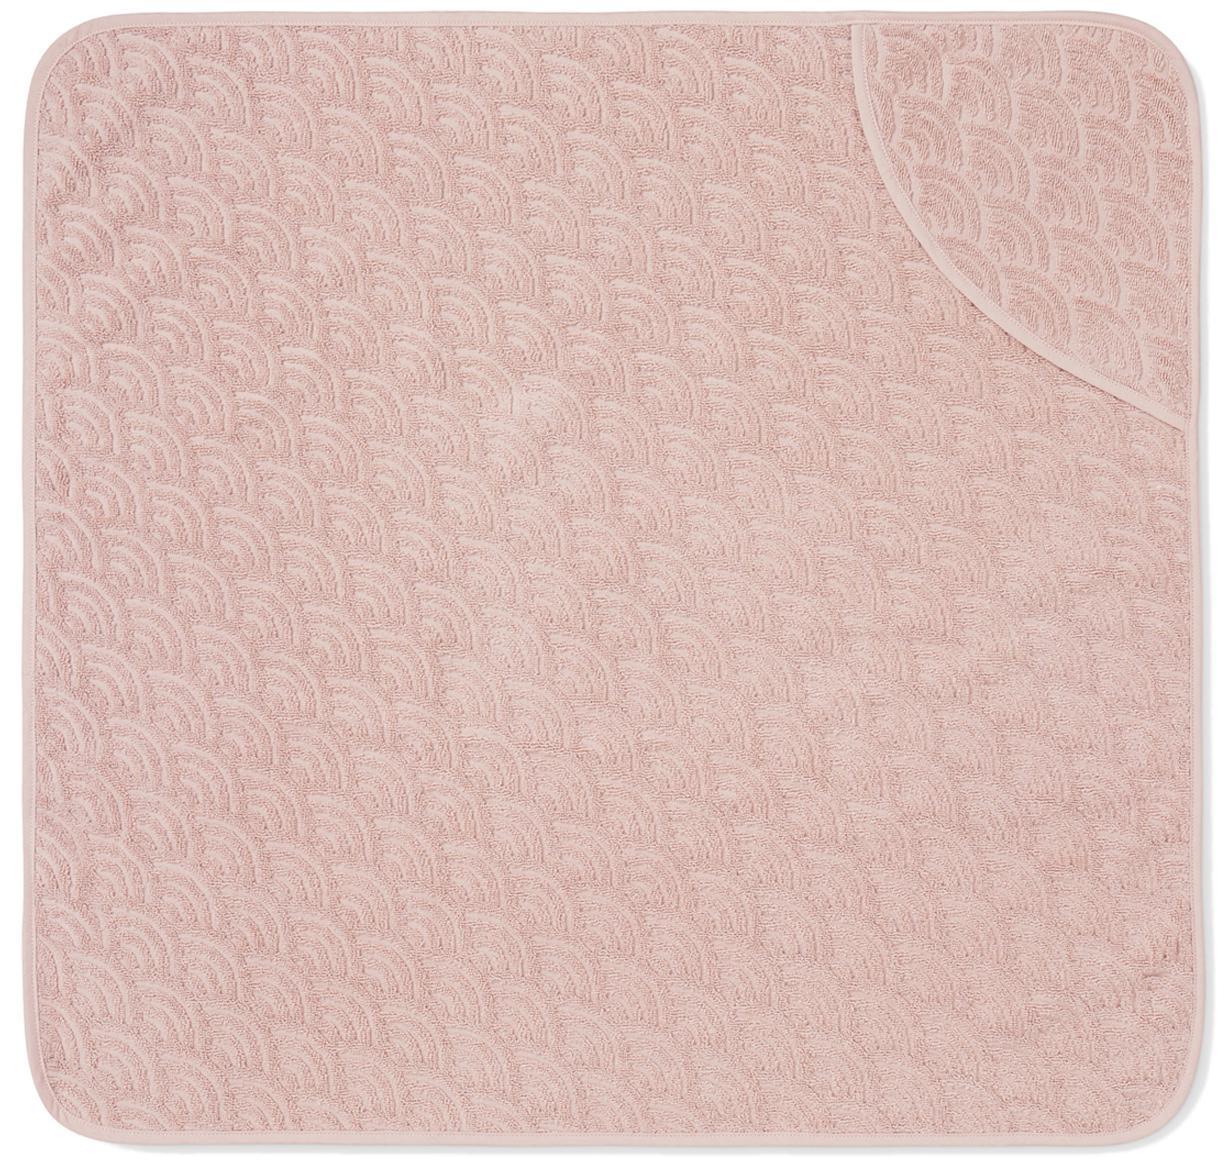 Asciugamano per bambini in cotone organico Wave, Cotone organico, certificato GOTS, Rosa, Larg. 80 x Lung. 80 cm